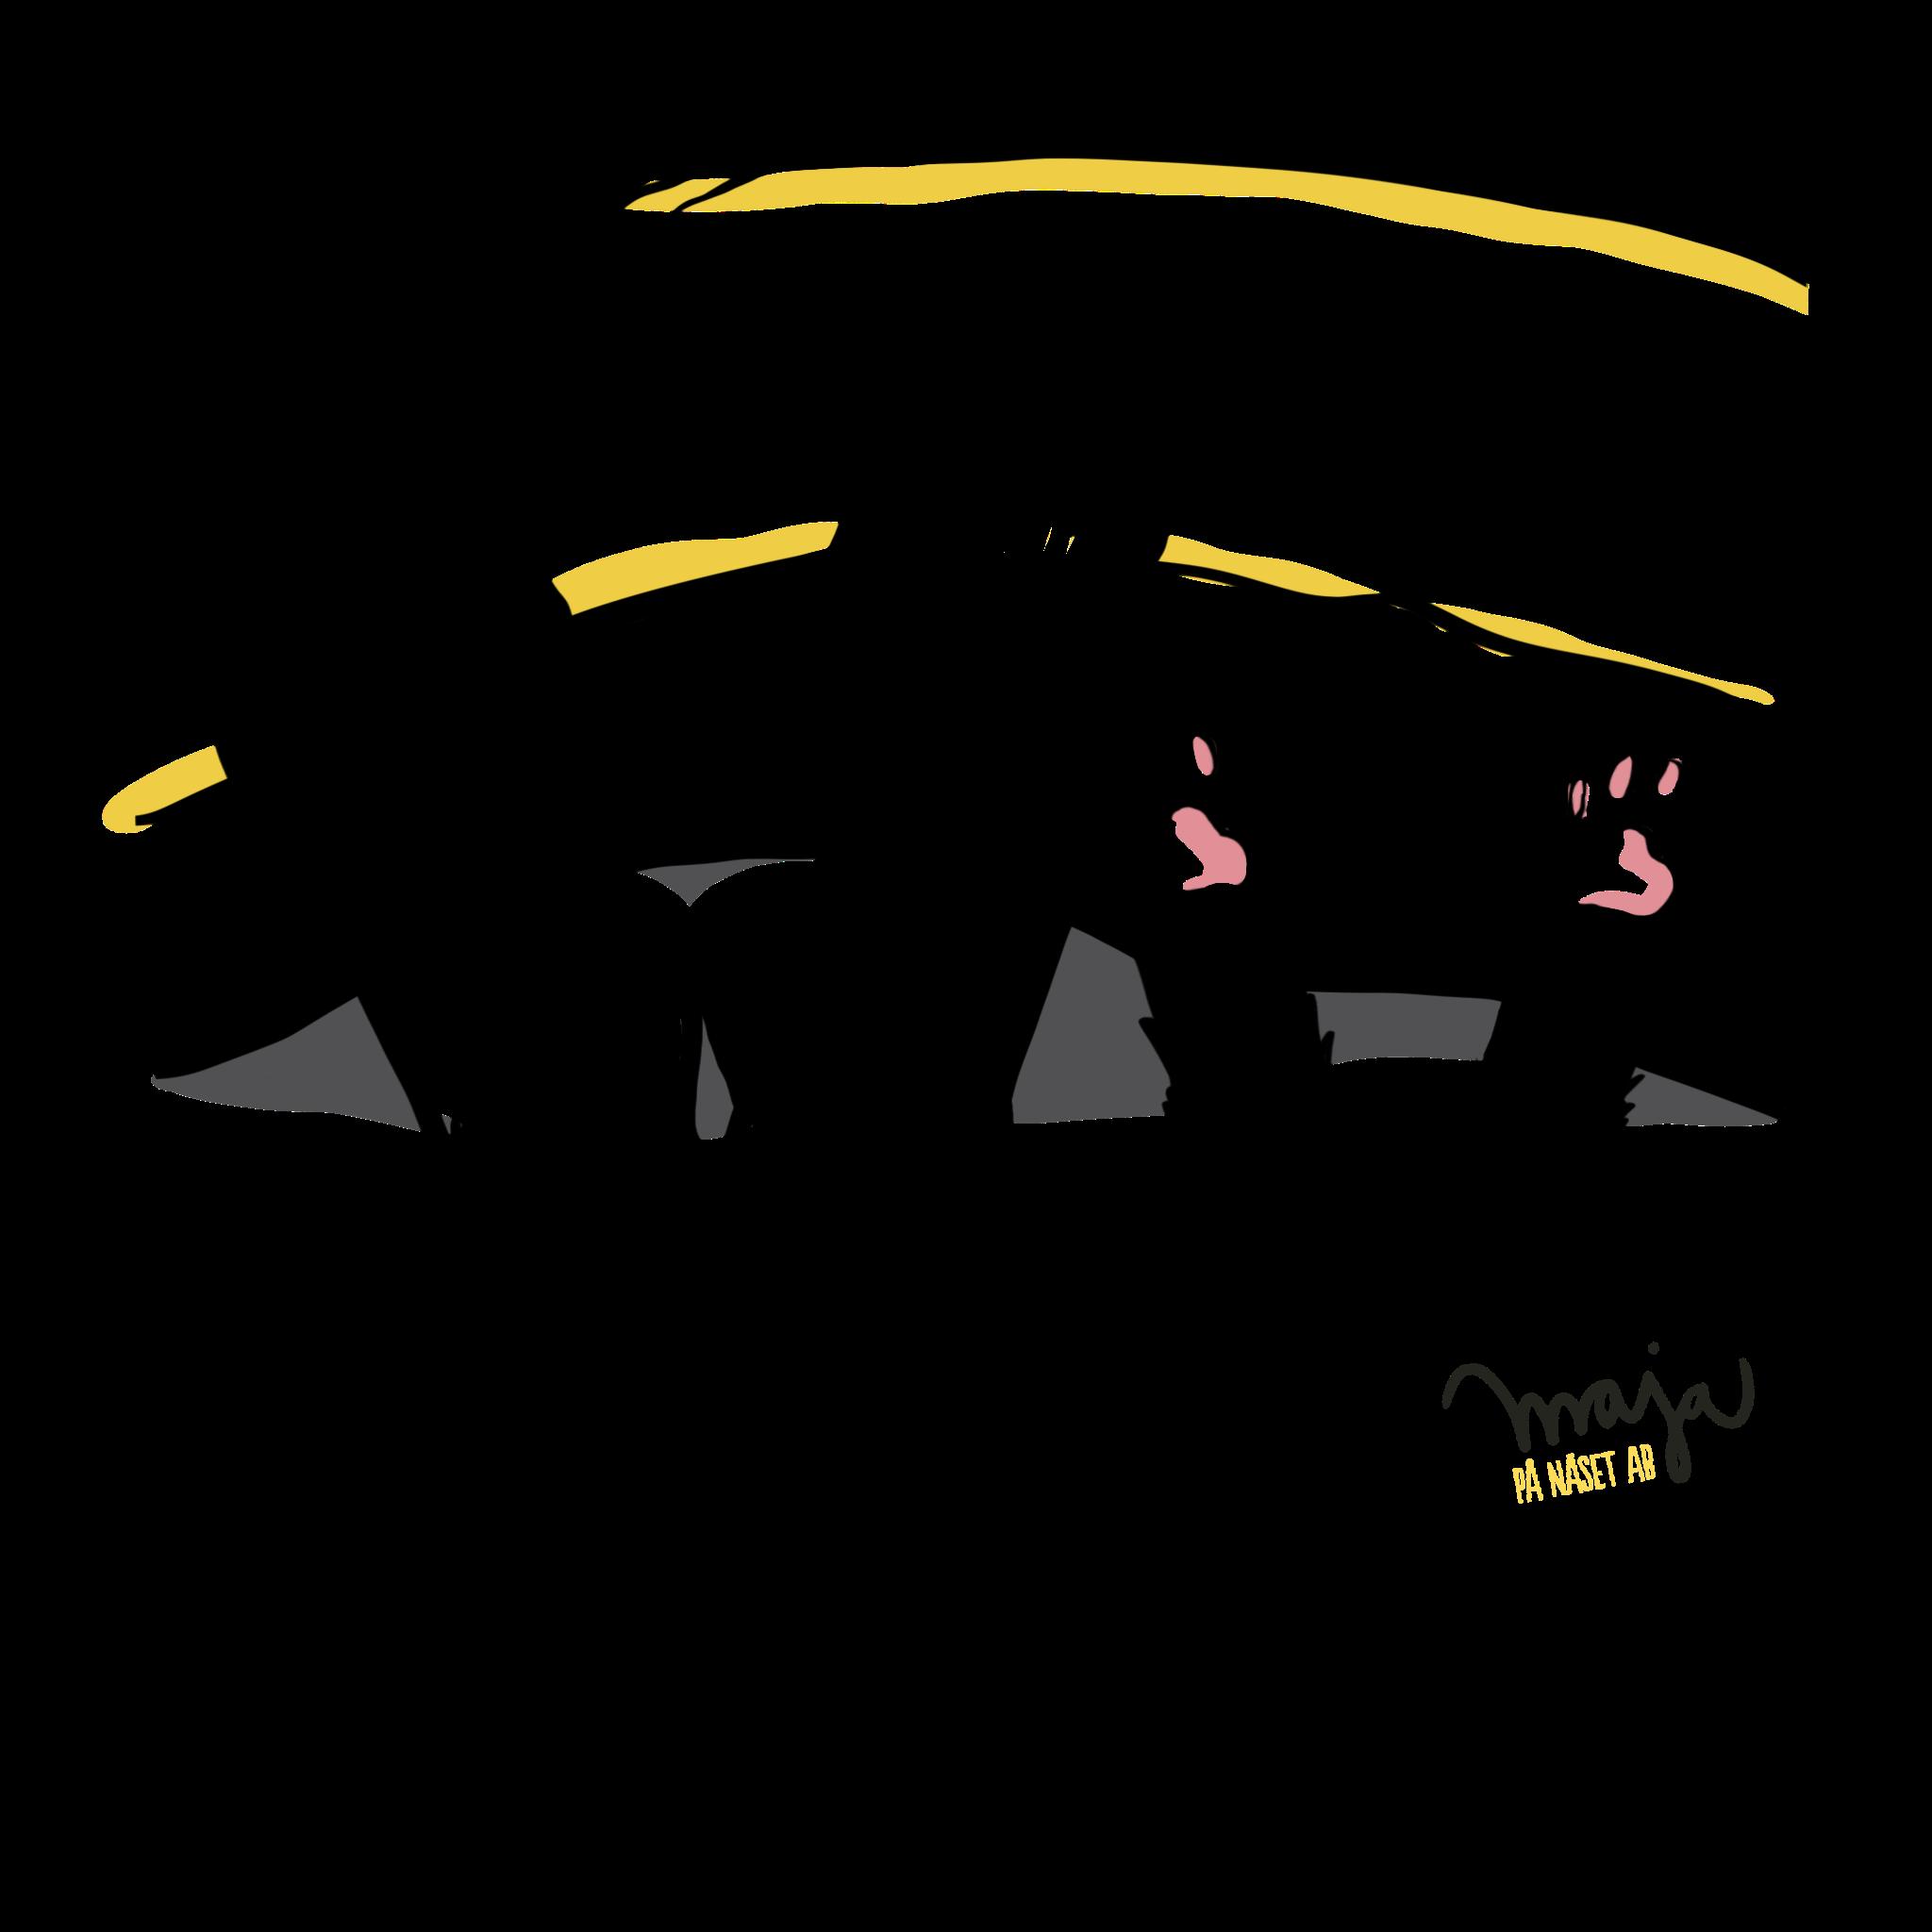 Vifta-på-tårna-illustration-maja-larsson